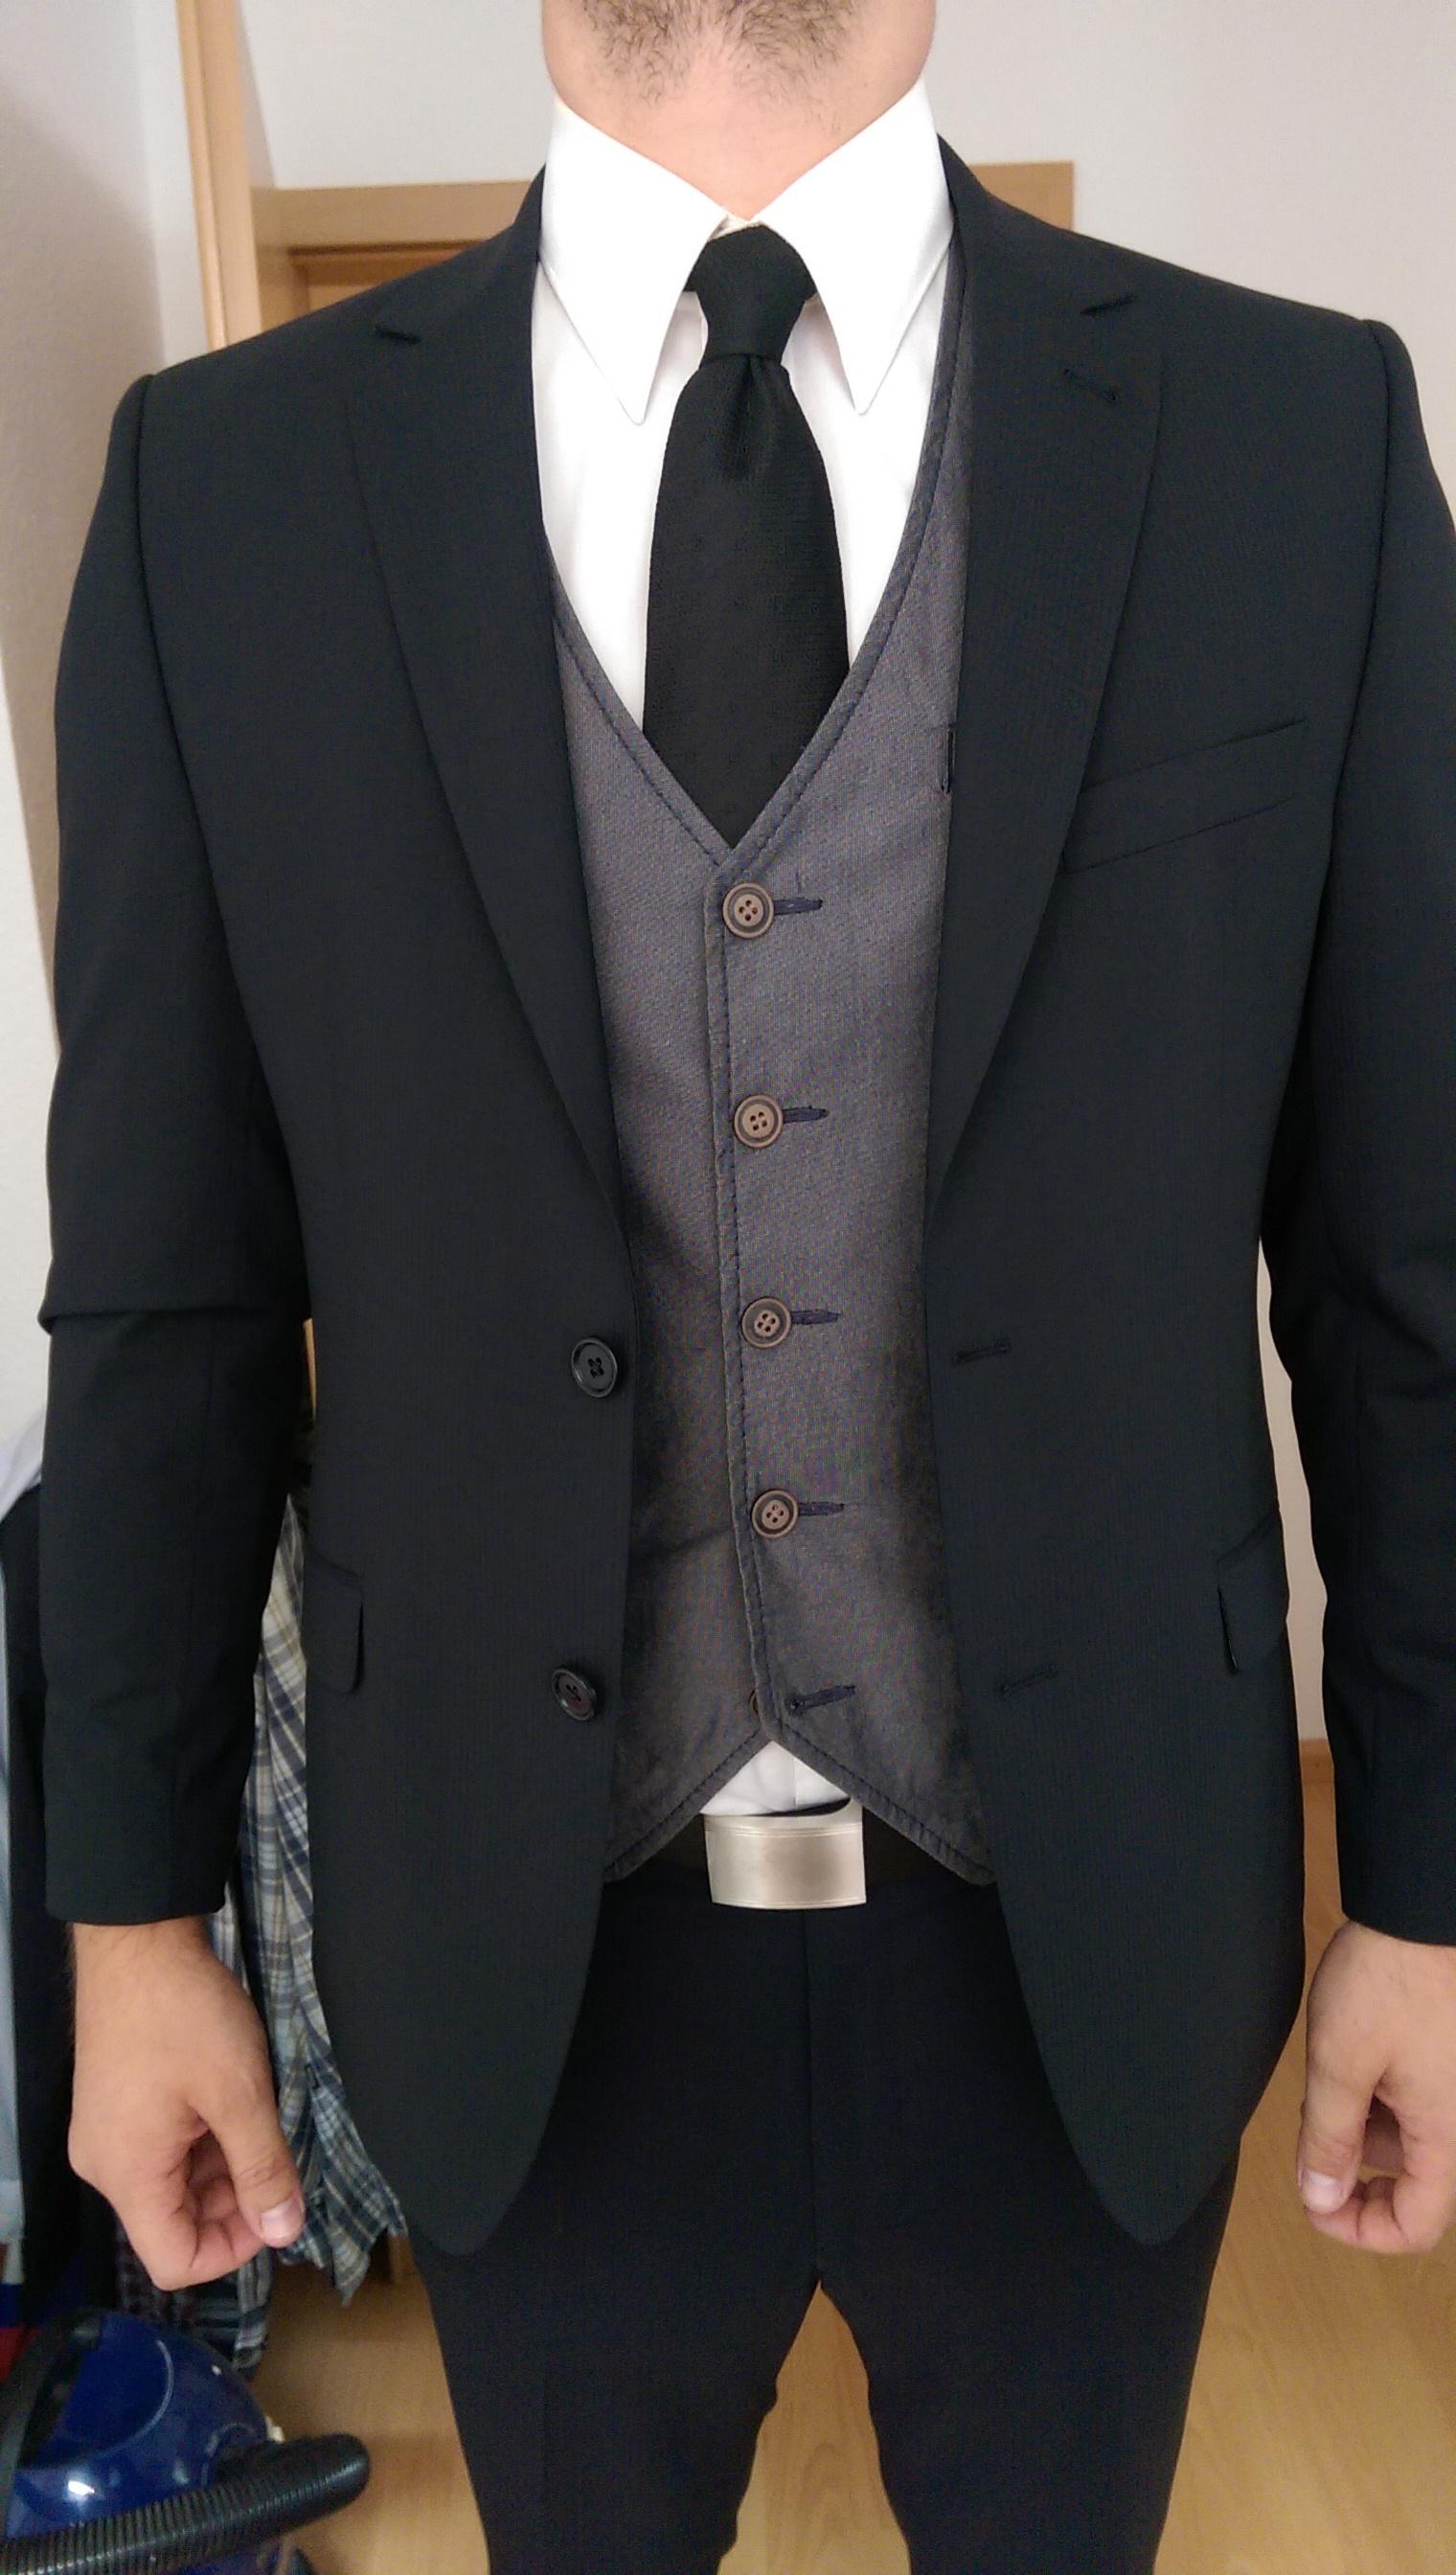 schwarzer anzug graue weste blog f r jacken und twists. Black Bedroom Furniture Sets. Home Design Ideas